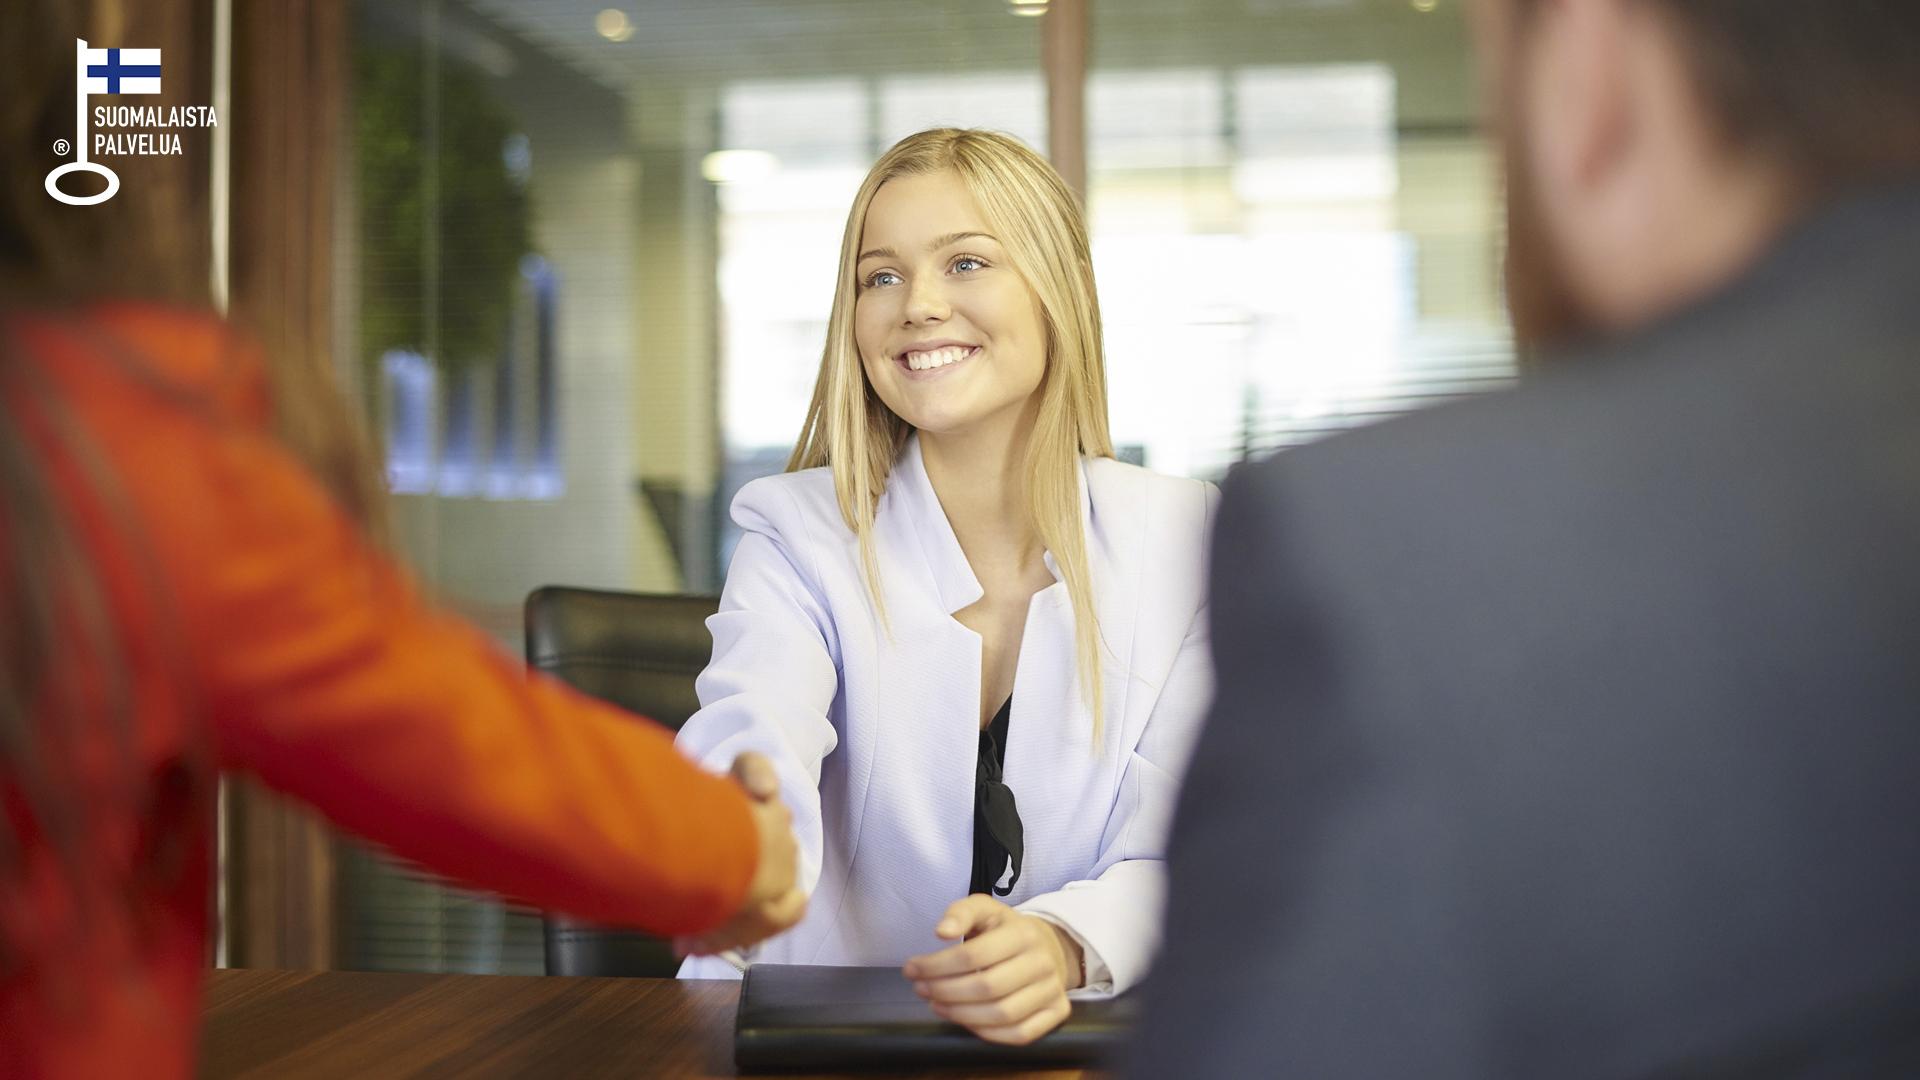 Nuori nainen hymyilee iloisesti ja kättelee työsopimuksen teon johdosta.